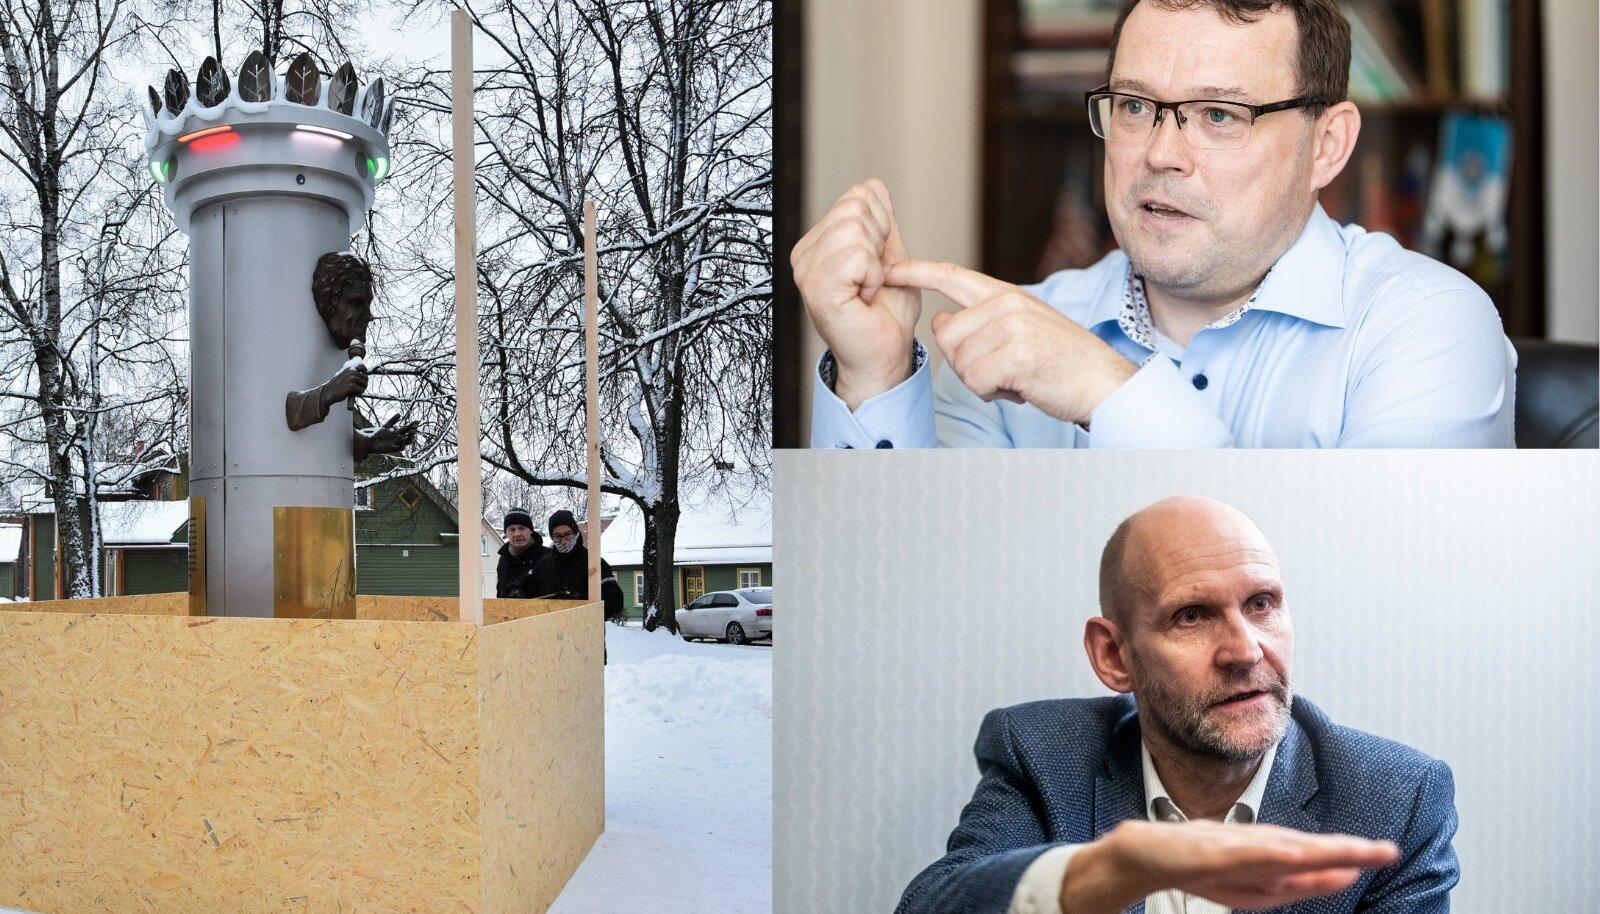 Jaak Joala kuju pannakse vineerkasti. Üleval Madis Timpson, Viljandi linnapea. All Helir-Valdor Seeder, Isamaa juht ja Viljandi volikogu esimees.